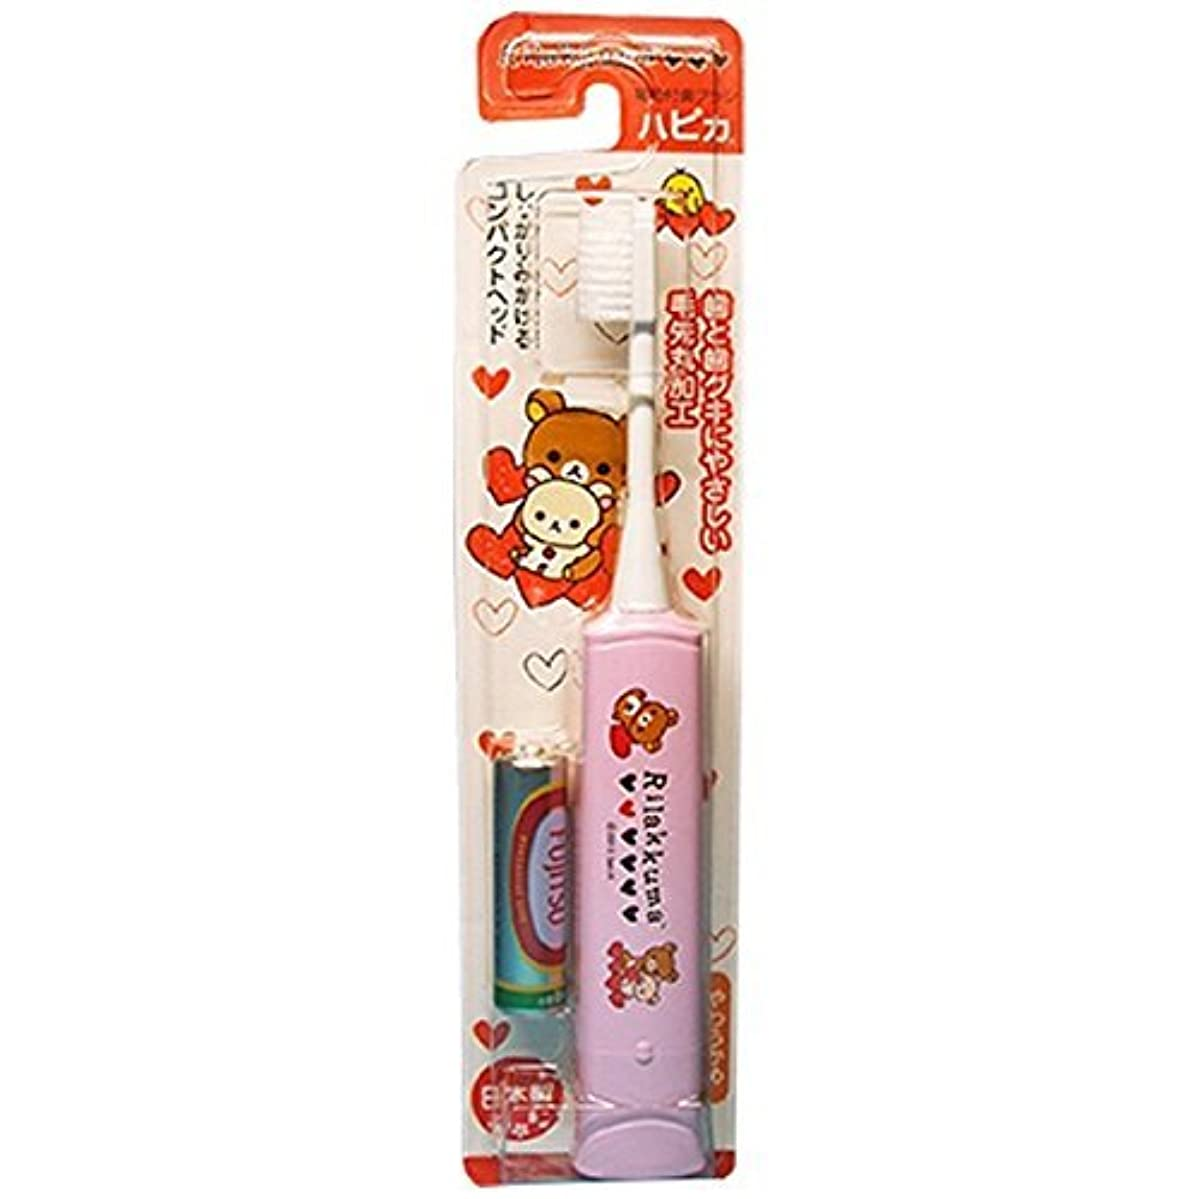 ミニマム 電動付歯ブラシ リラックマハピカ ピンク 毛の硬さ:やわらかめ DBM-5P(RK)